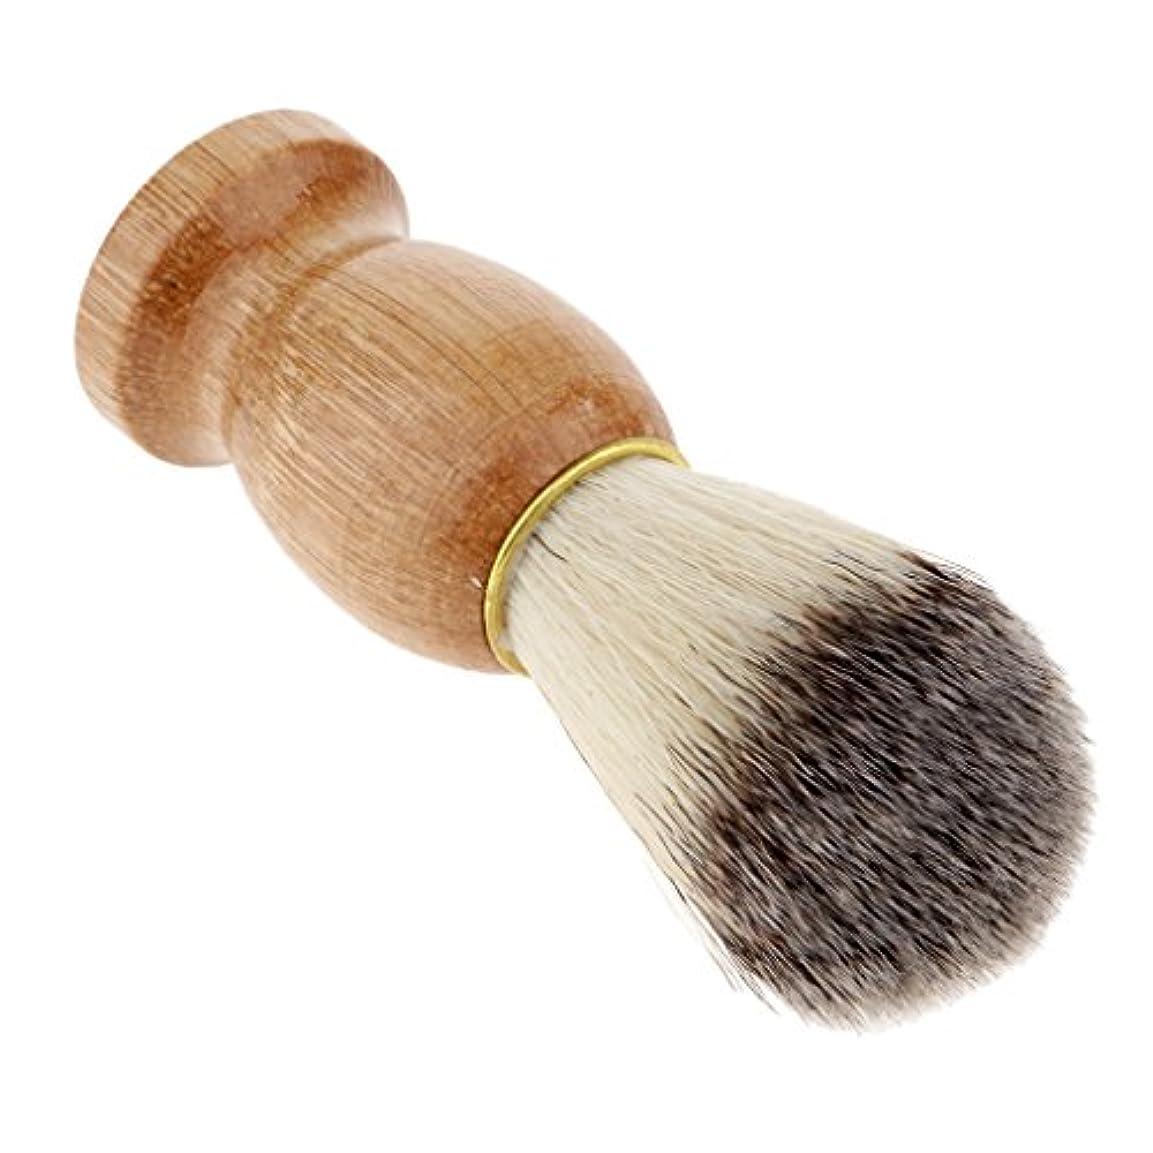 取り付けご近所テナント人毛ひげの切断の塵の浄化のための木製のハンドルの剛毛の剃るブラシ